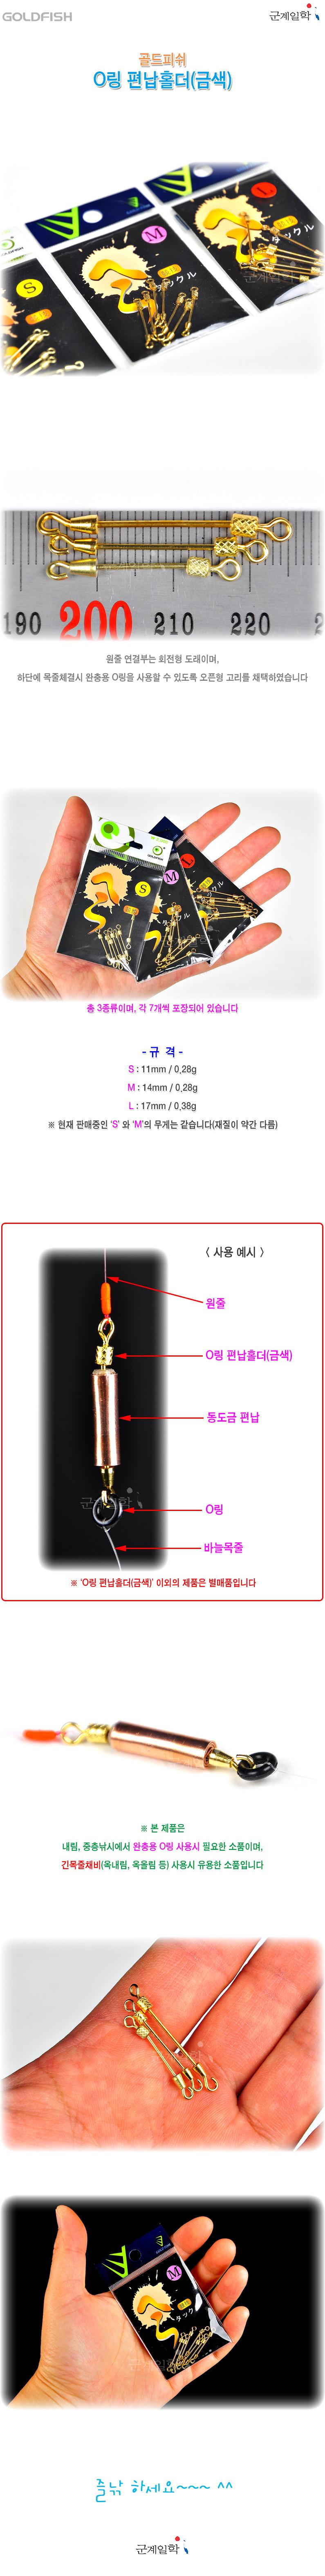 골드피쉬 O링 편납홀더(금색).jpg